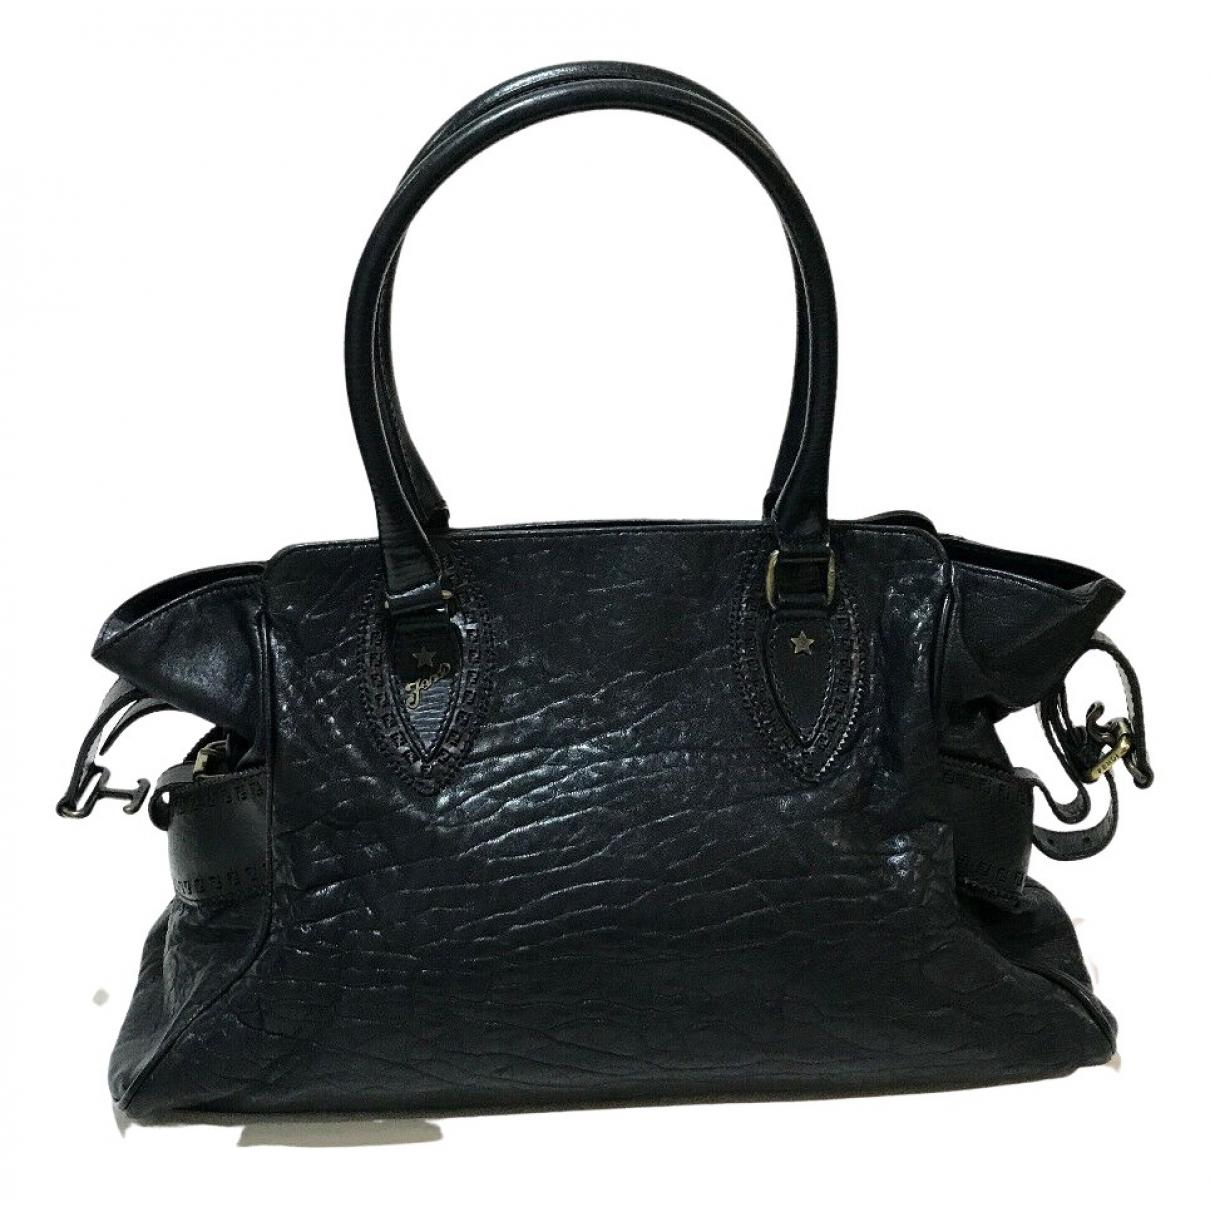 Fendi N Leather handbag for Women N